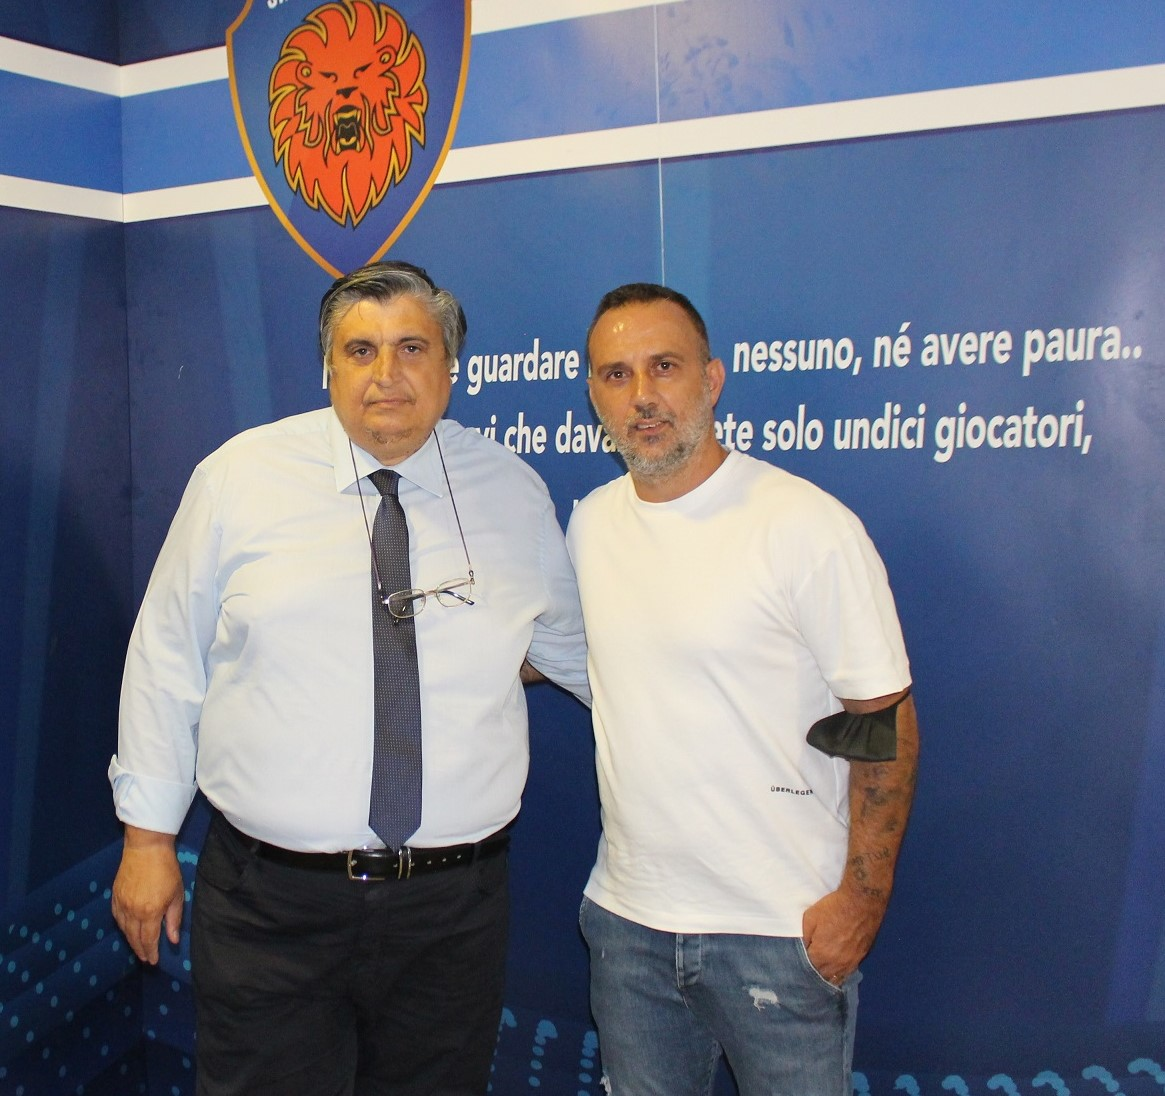 Calcio, il Siracusa nomina Giuseppe Mascara direttore dell'area tecnica: ha un passato glorioso in serie A